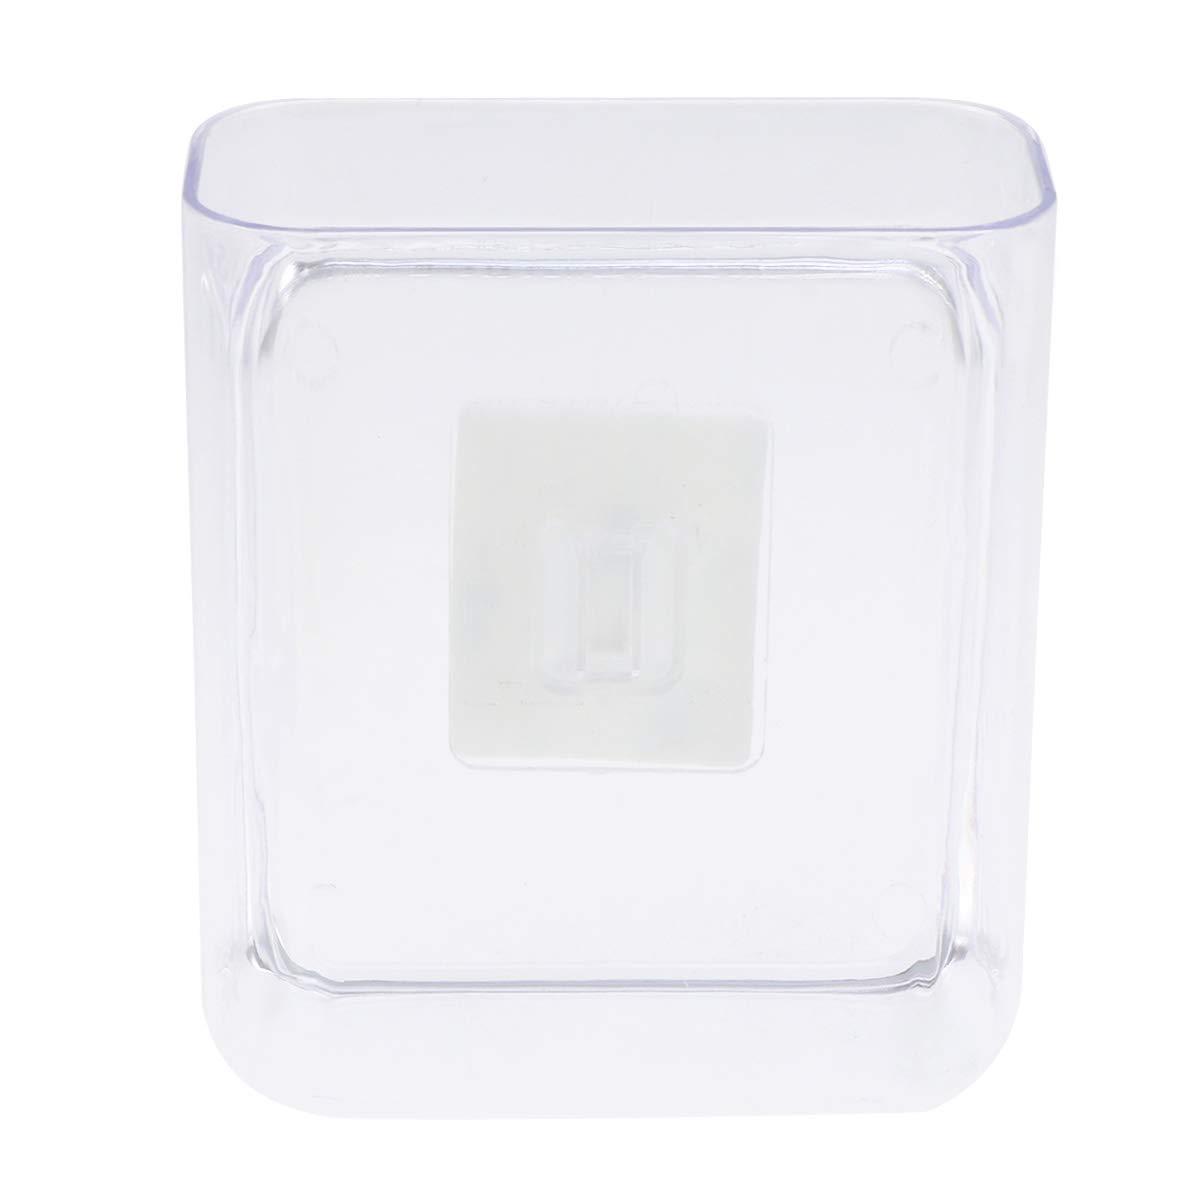 OUNONA - Estantería de Almacenamiento Adhesiva para baño, Organizador de Esquina, Soporte de Pared para Ducha, Soporte de Pared para Cocina (Transparente)